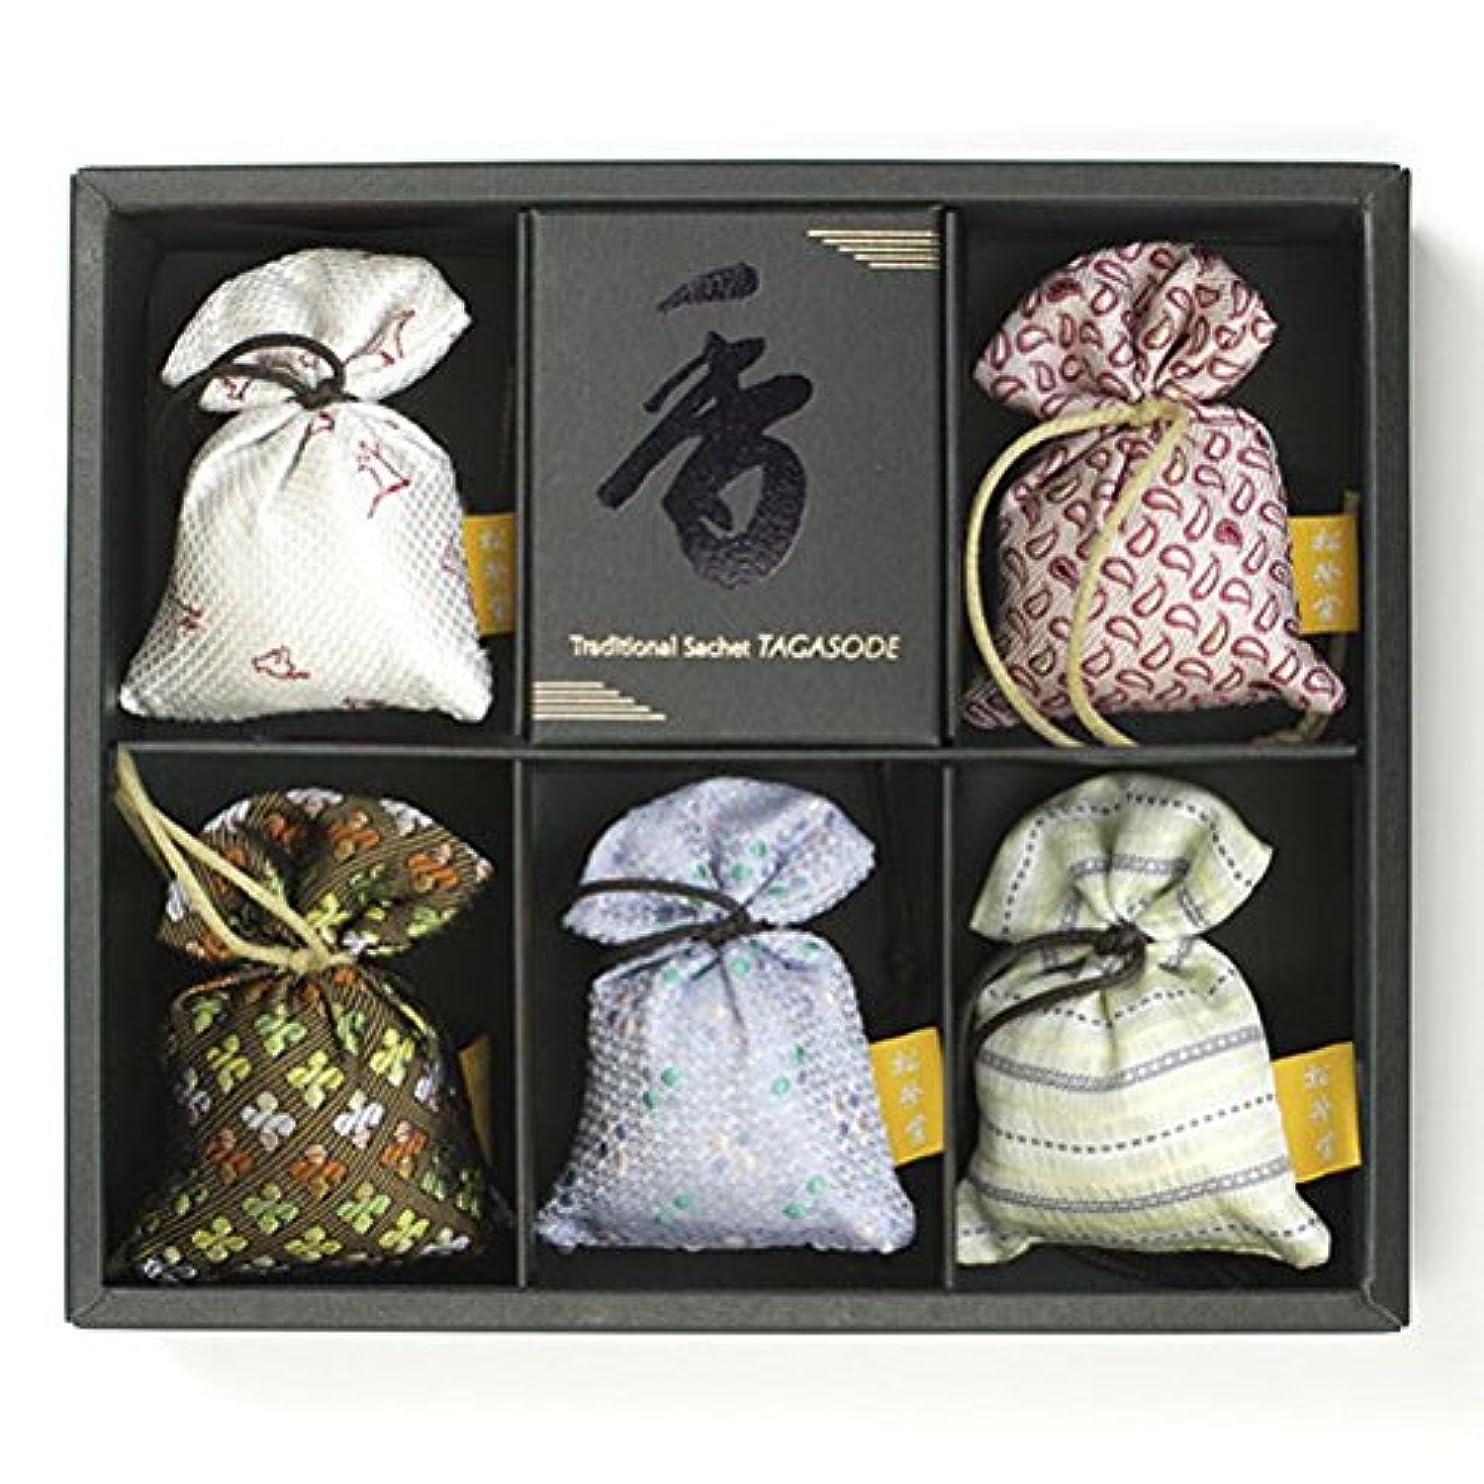 付けるいつエンジニアリング匂い袋 誰が袖 薫 かおる 5個入 松栄堂 Shoyeido 本体長さ60mm